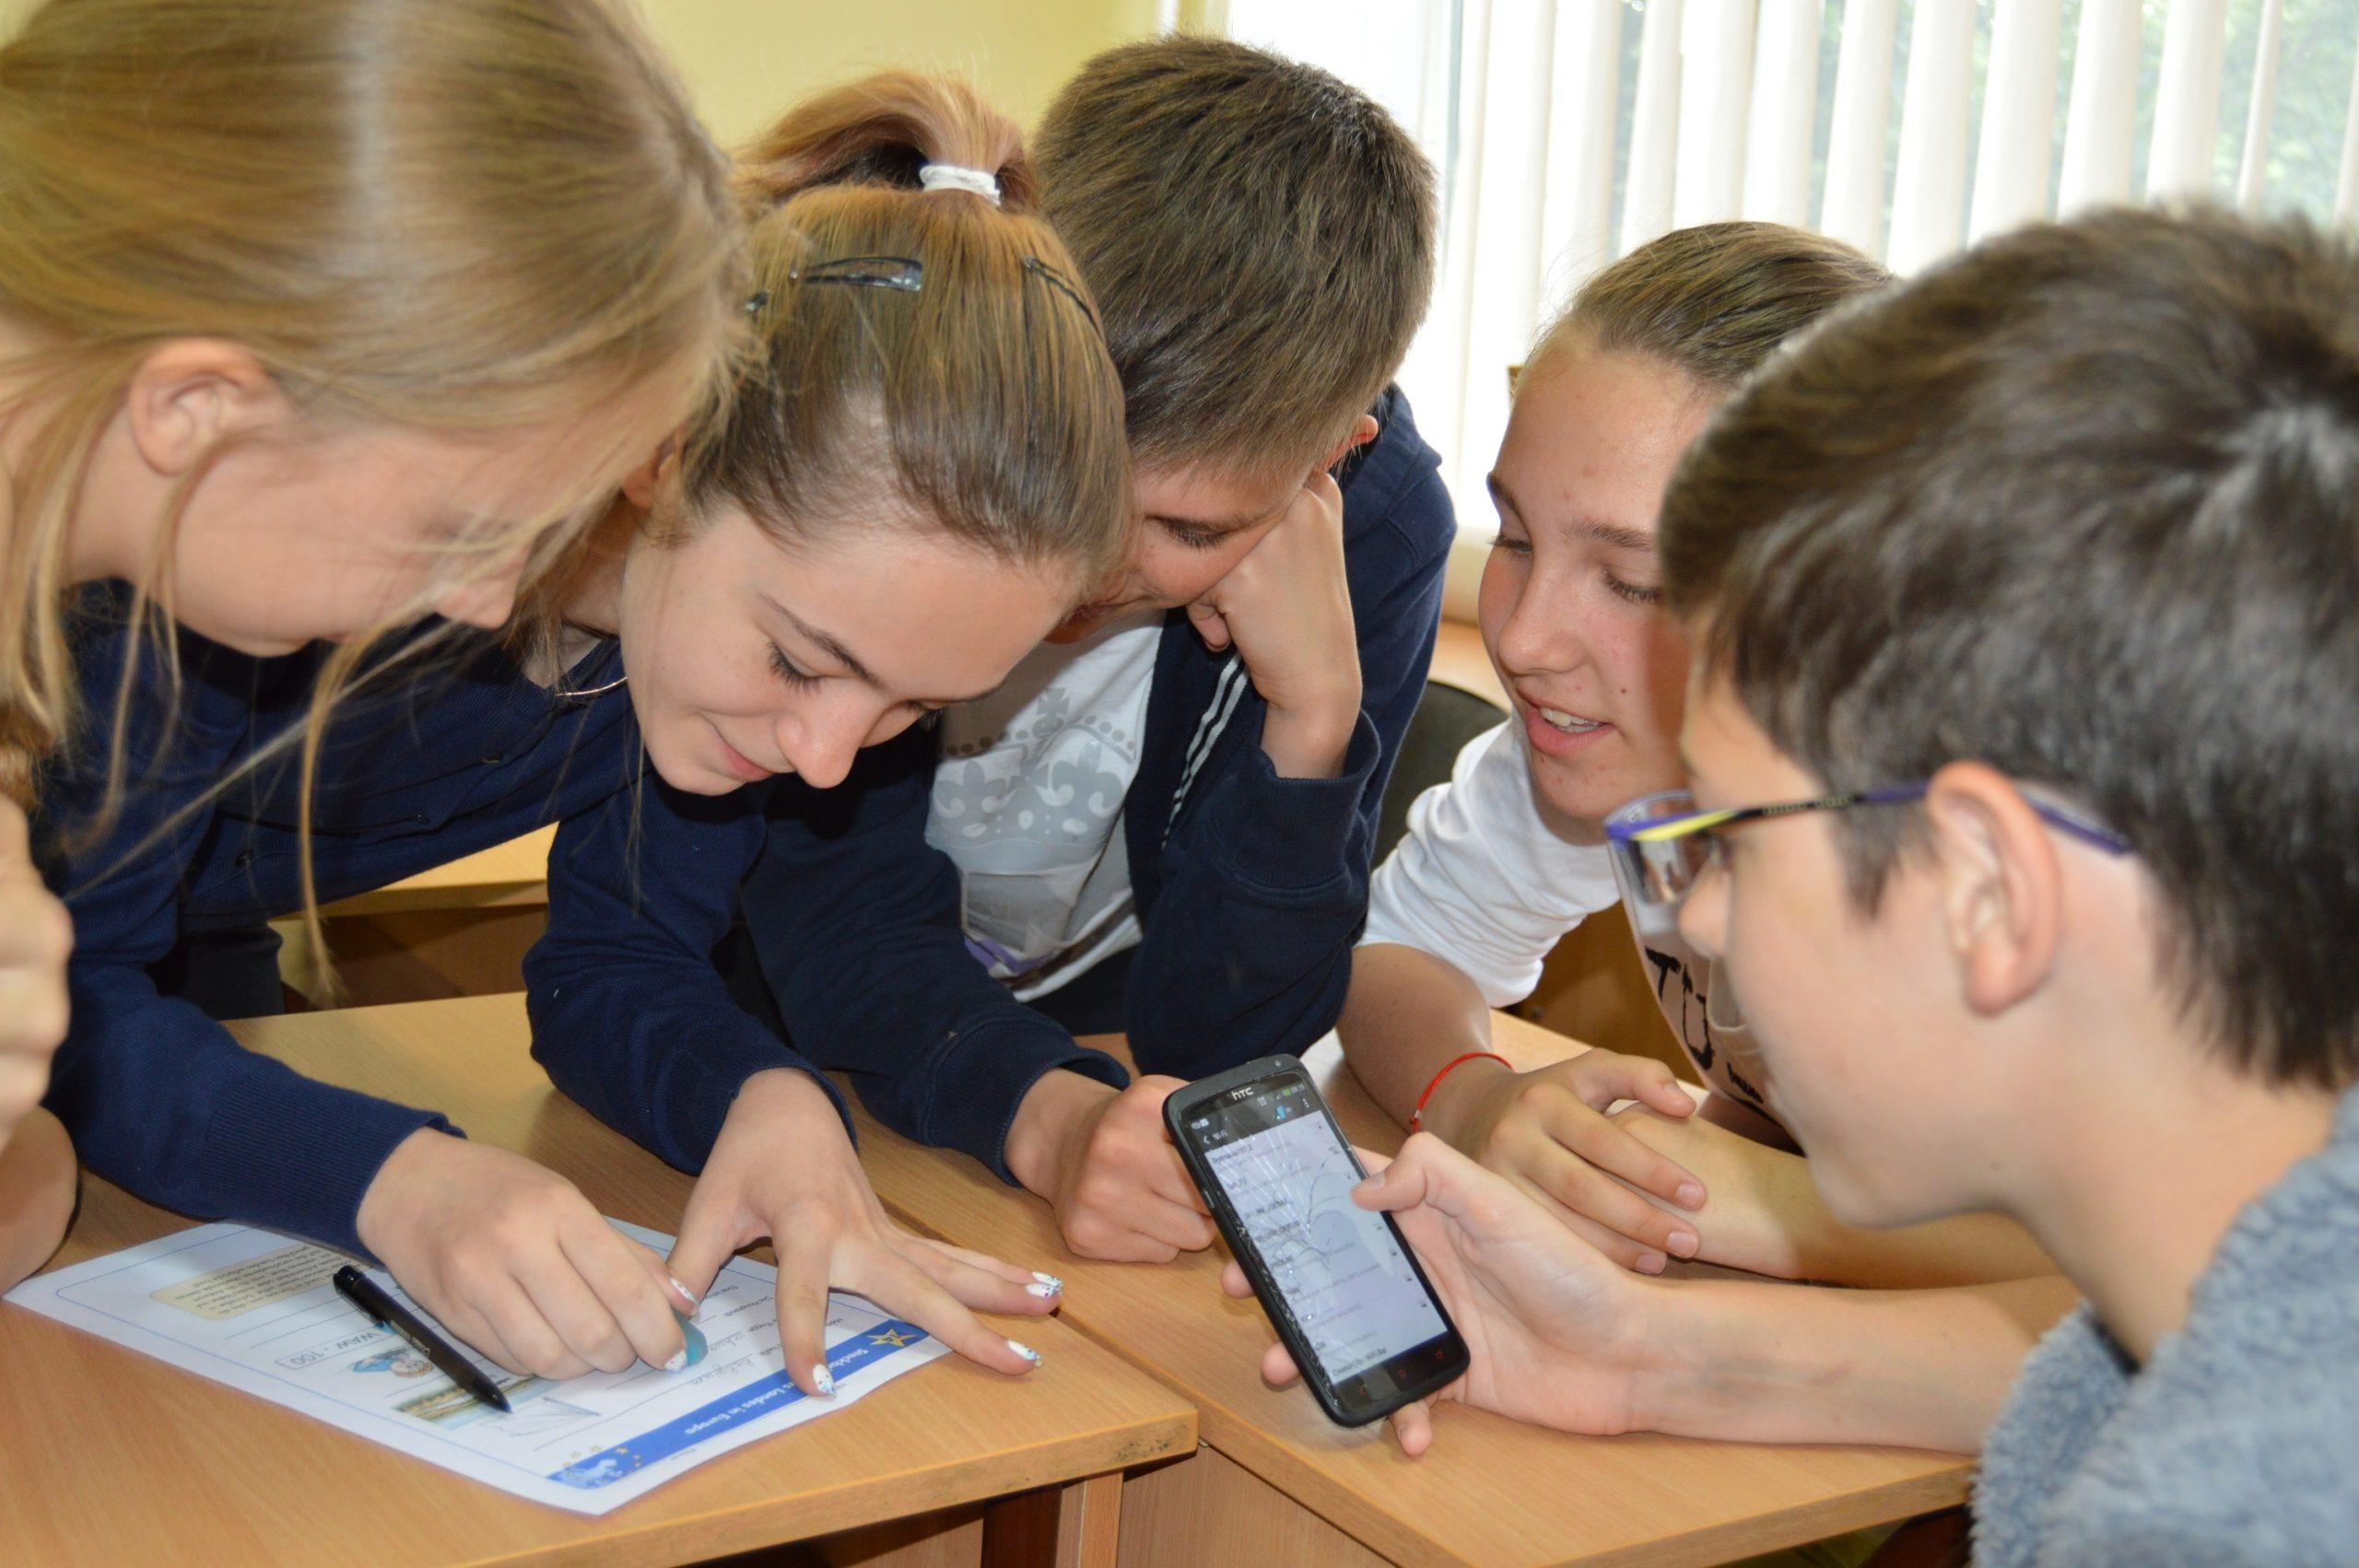 Літня школа з медіаграмотності для старшокласників середньої загальноосвітньої школи